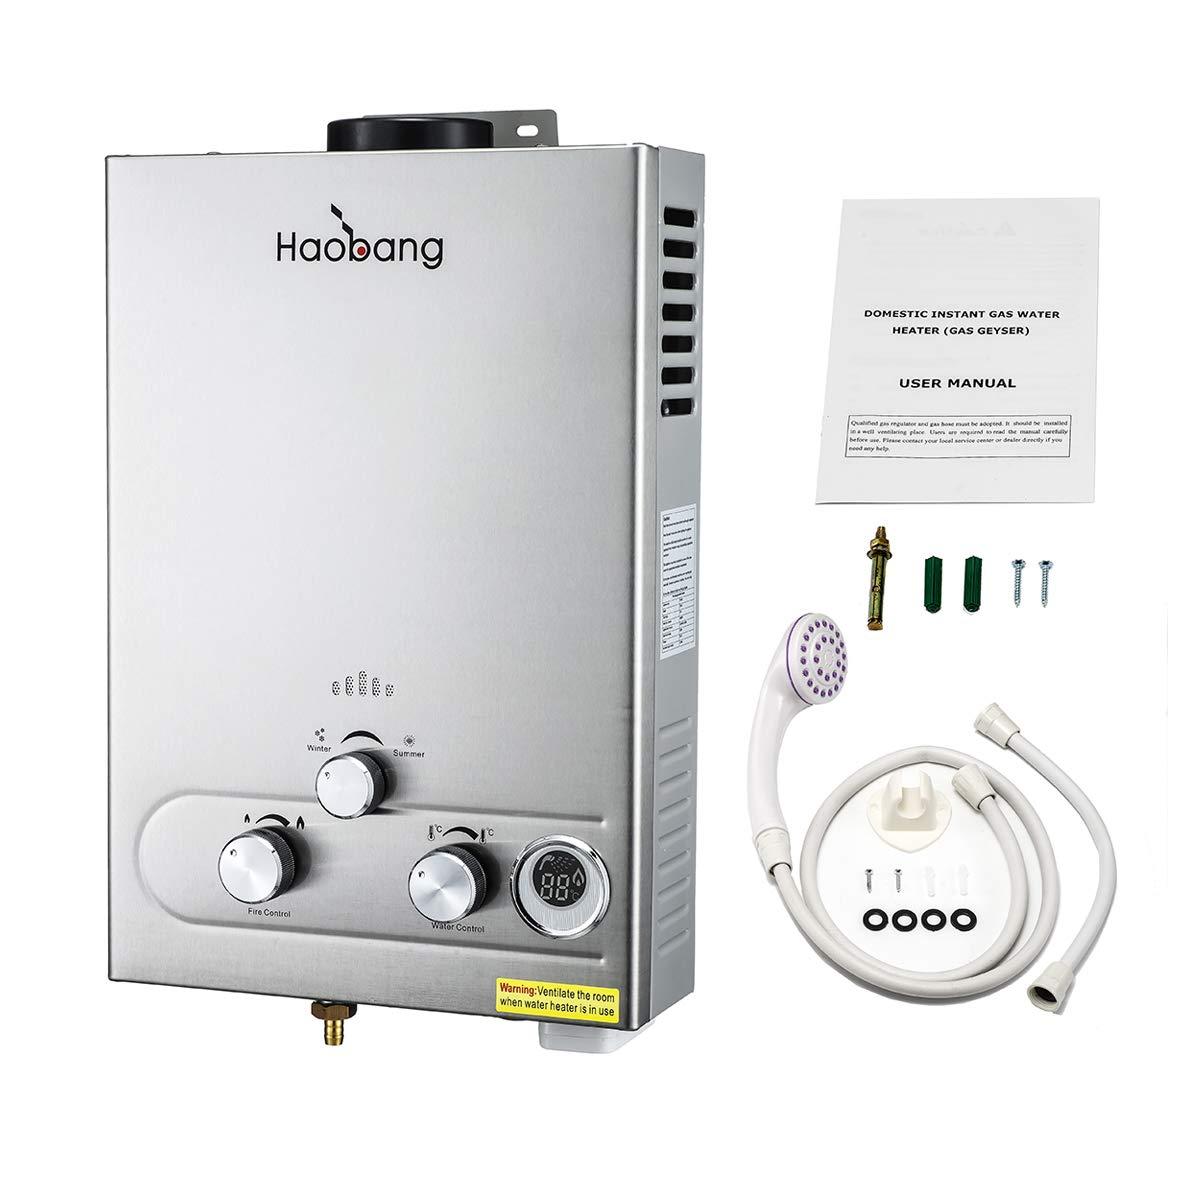 HB Chauffe-eau sans ré servoir Gaz modulant technologie breveté e JSD12-S02 (NG) HaoBang